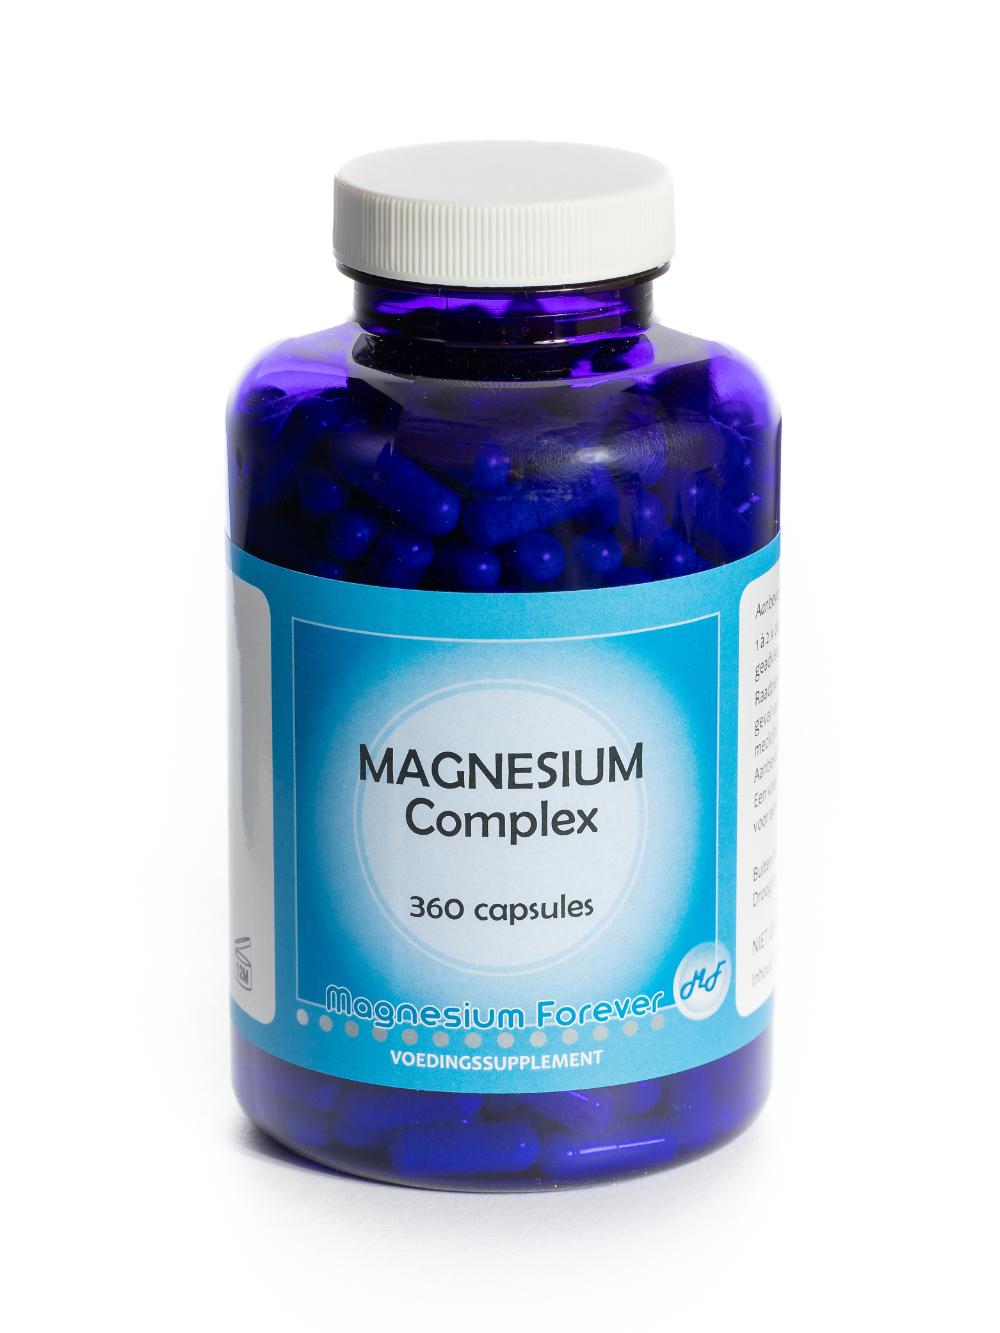 Magnesium complex supplement